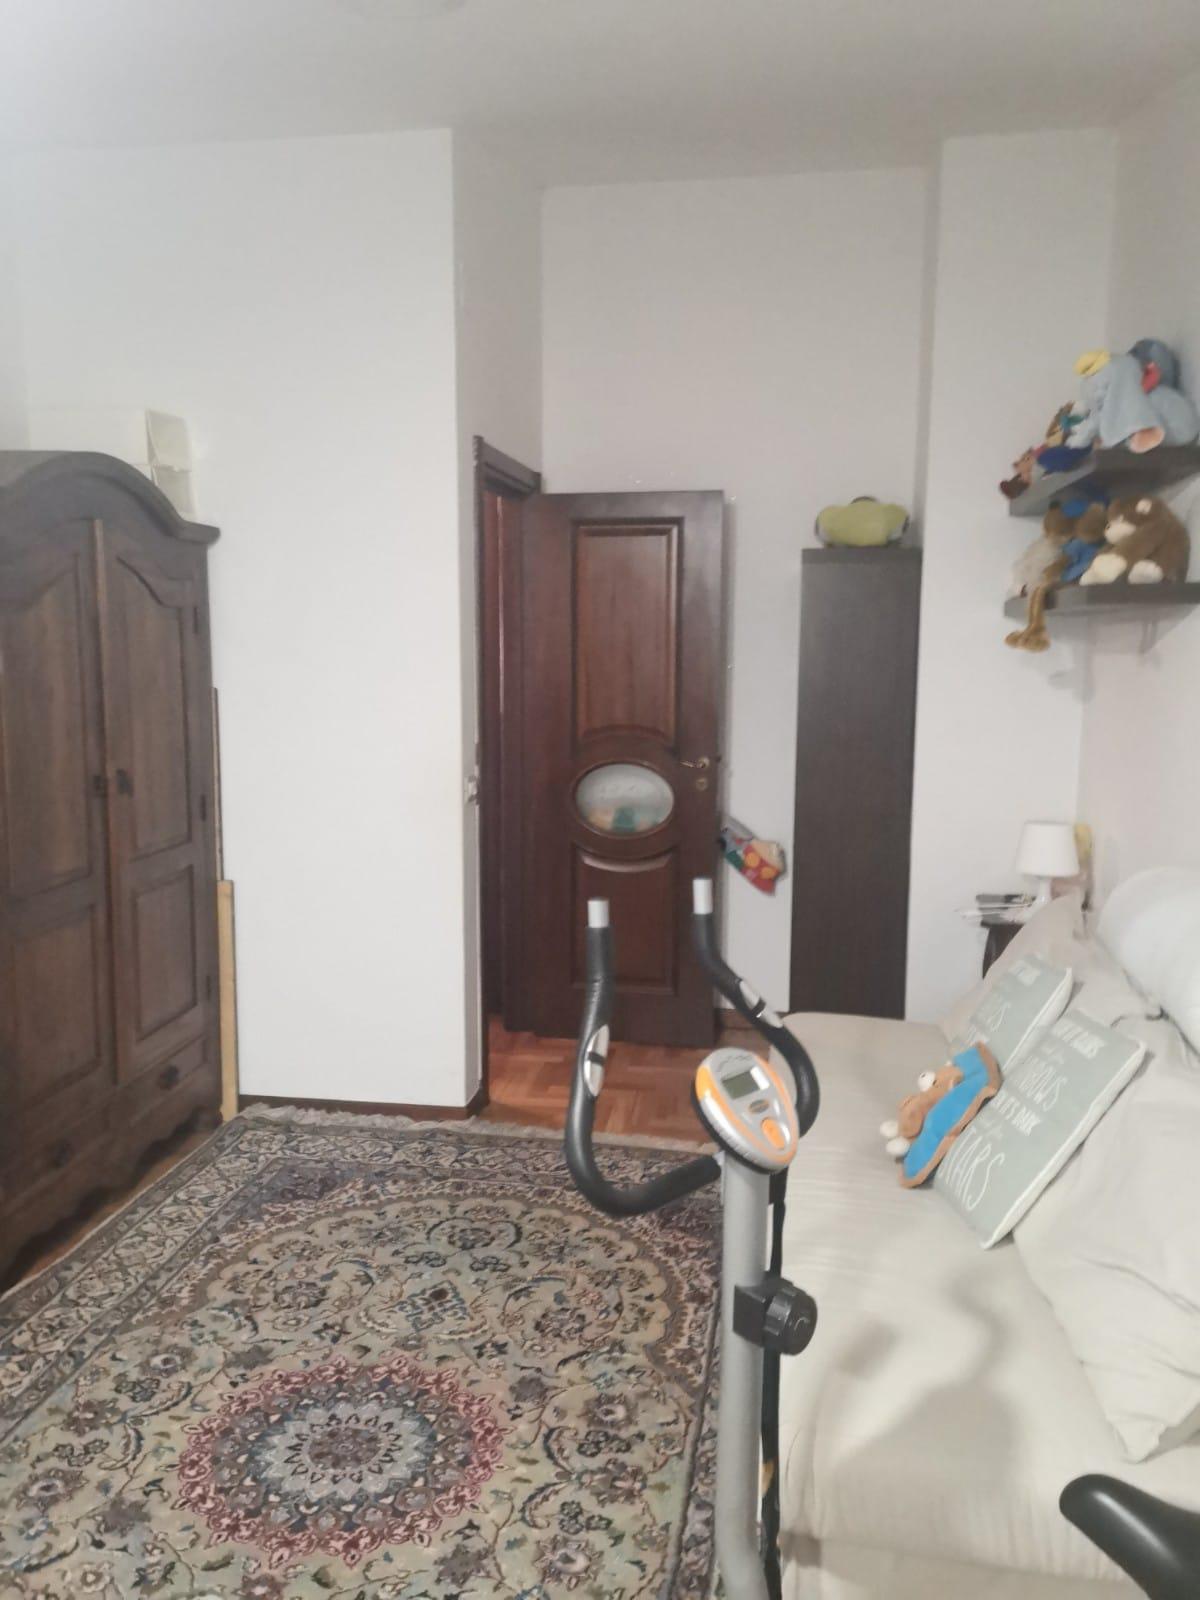 VILLA RISTRUTTURATA CON PISCINA Varcaturo Rif. 36934